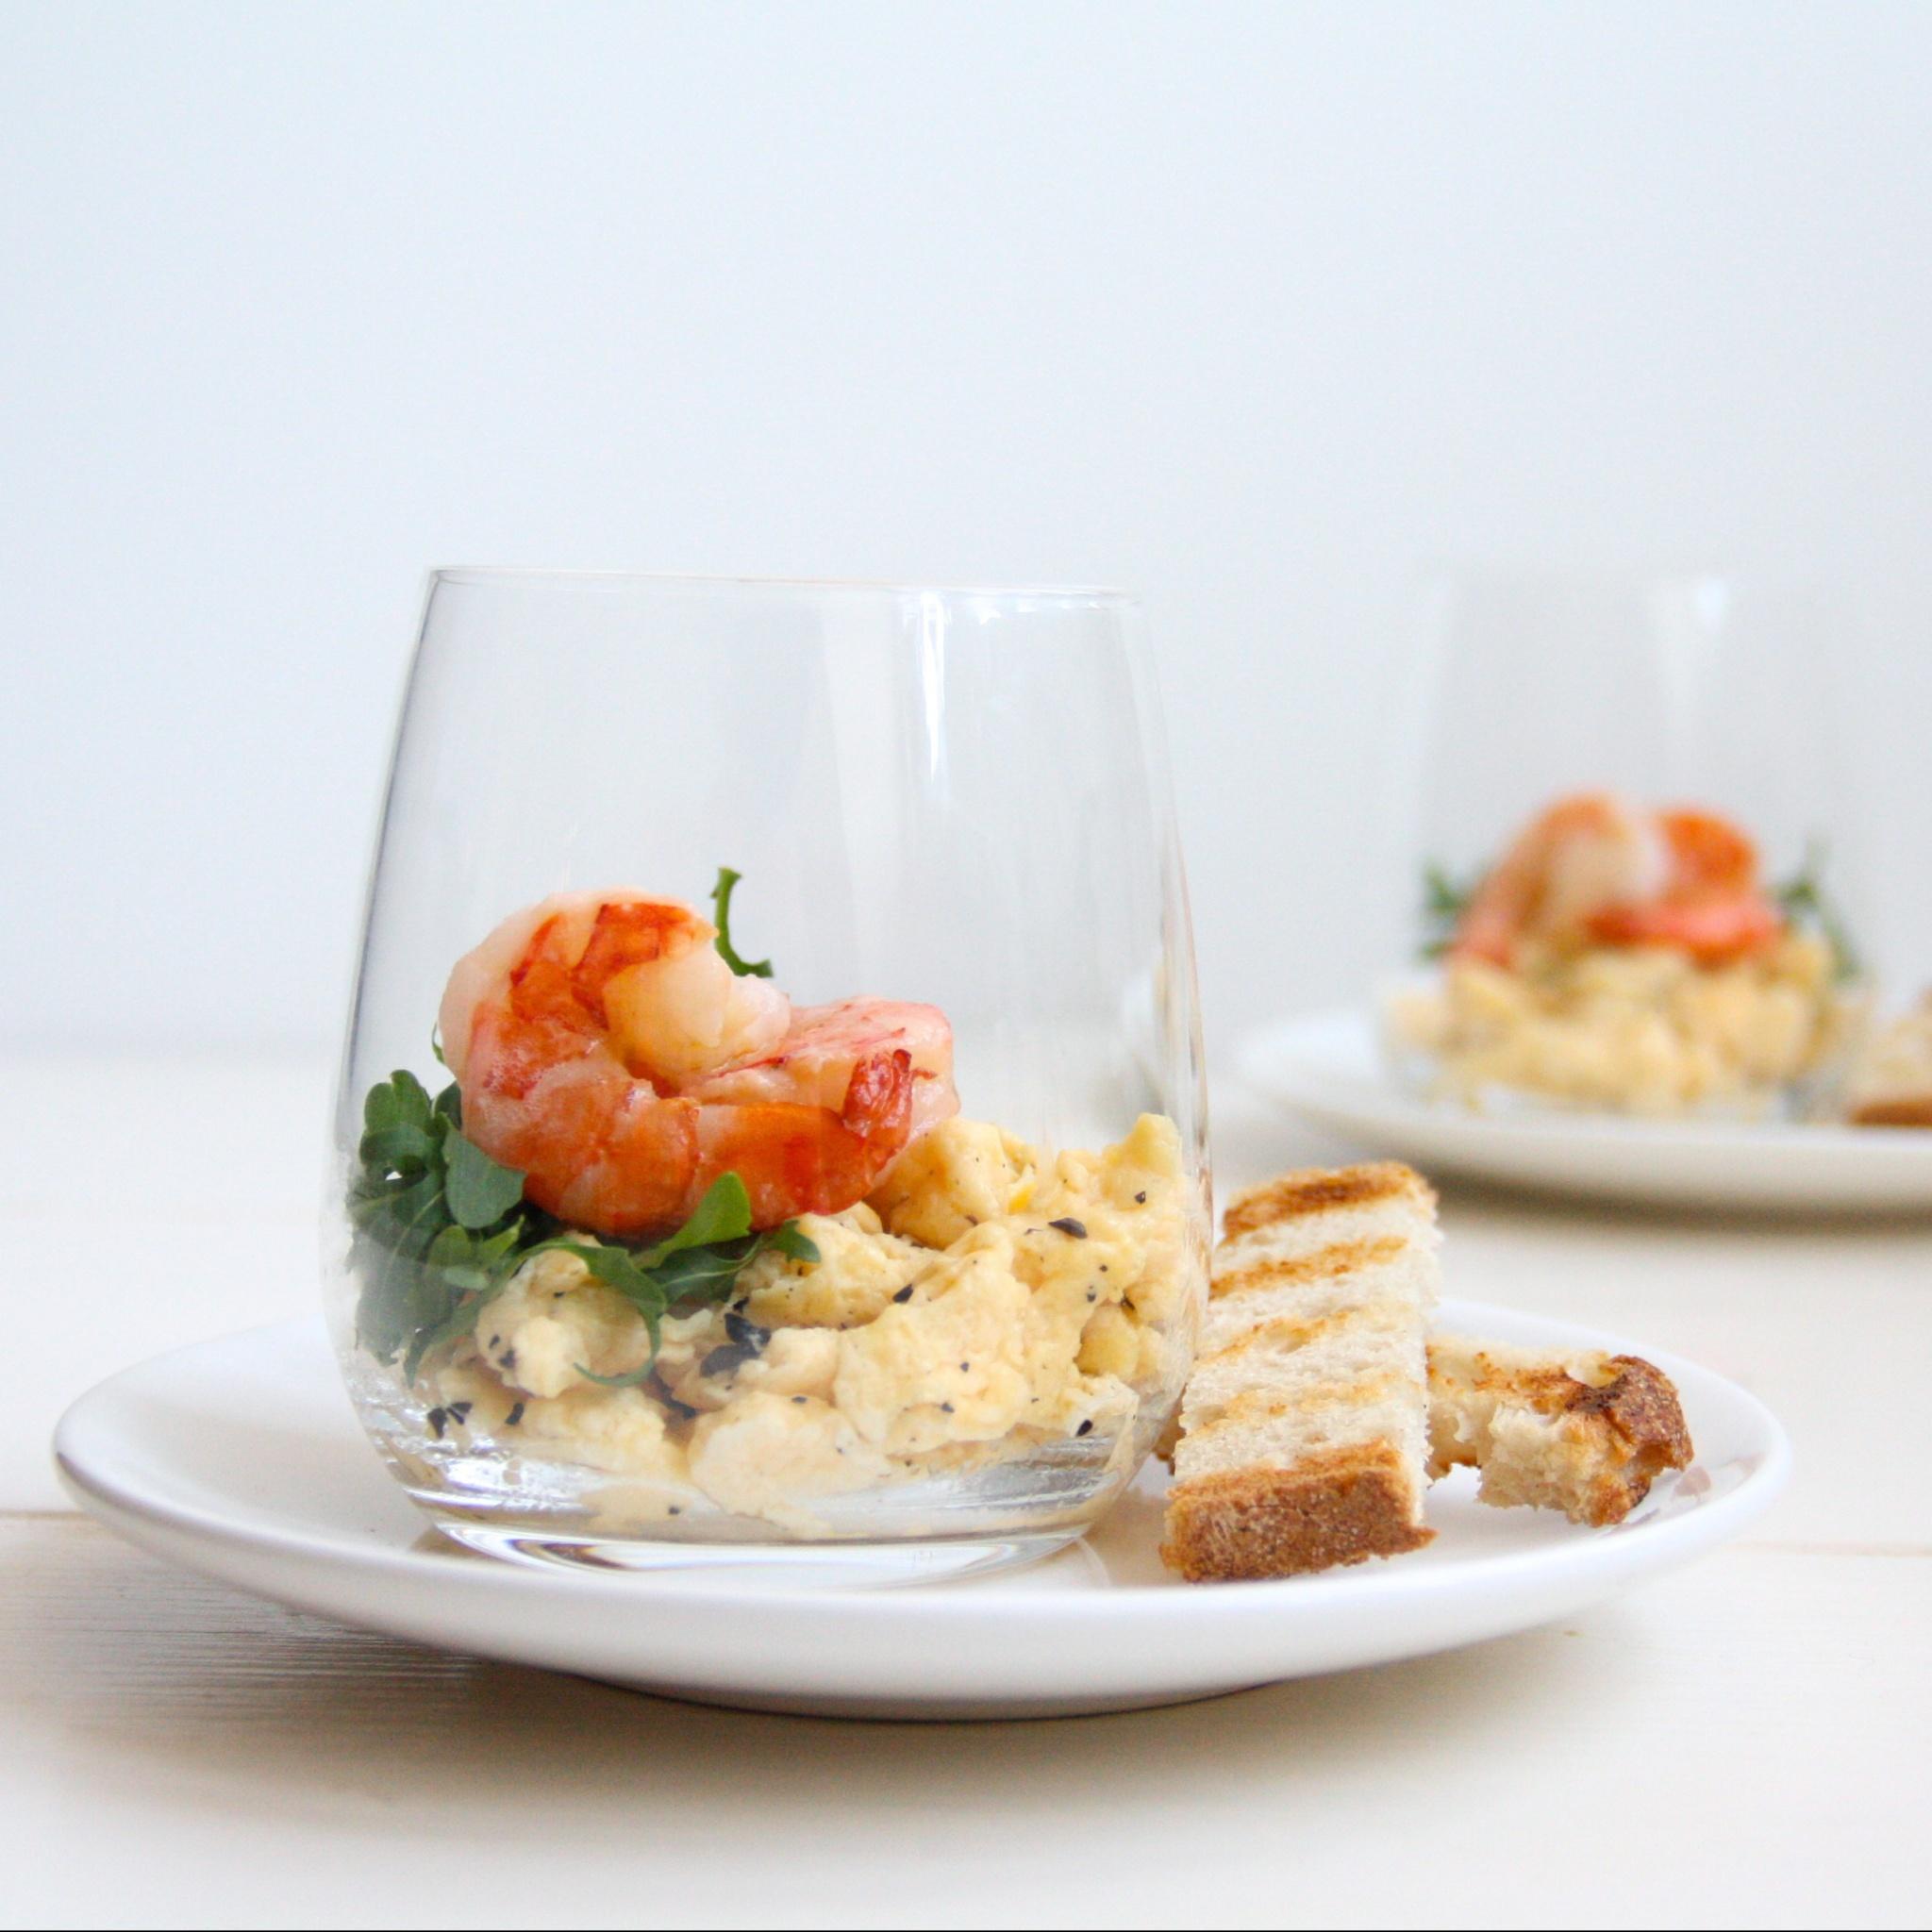 IMG 0709 e1426622389340 - Recept paasbrunch Roerei met truffel en garnalen